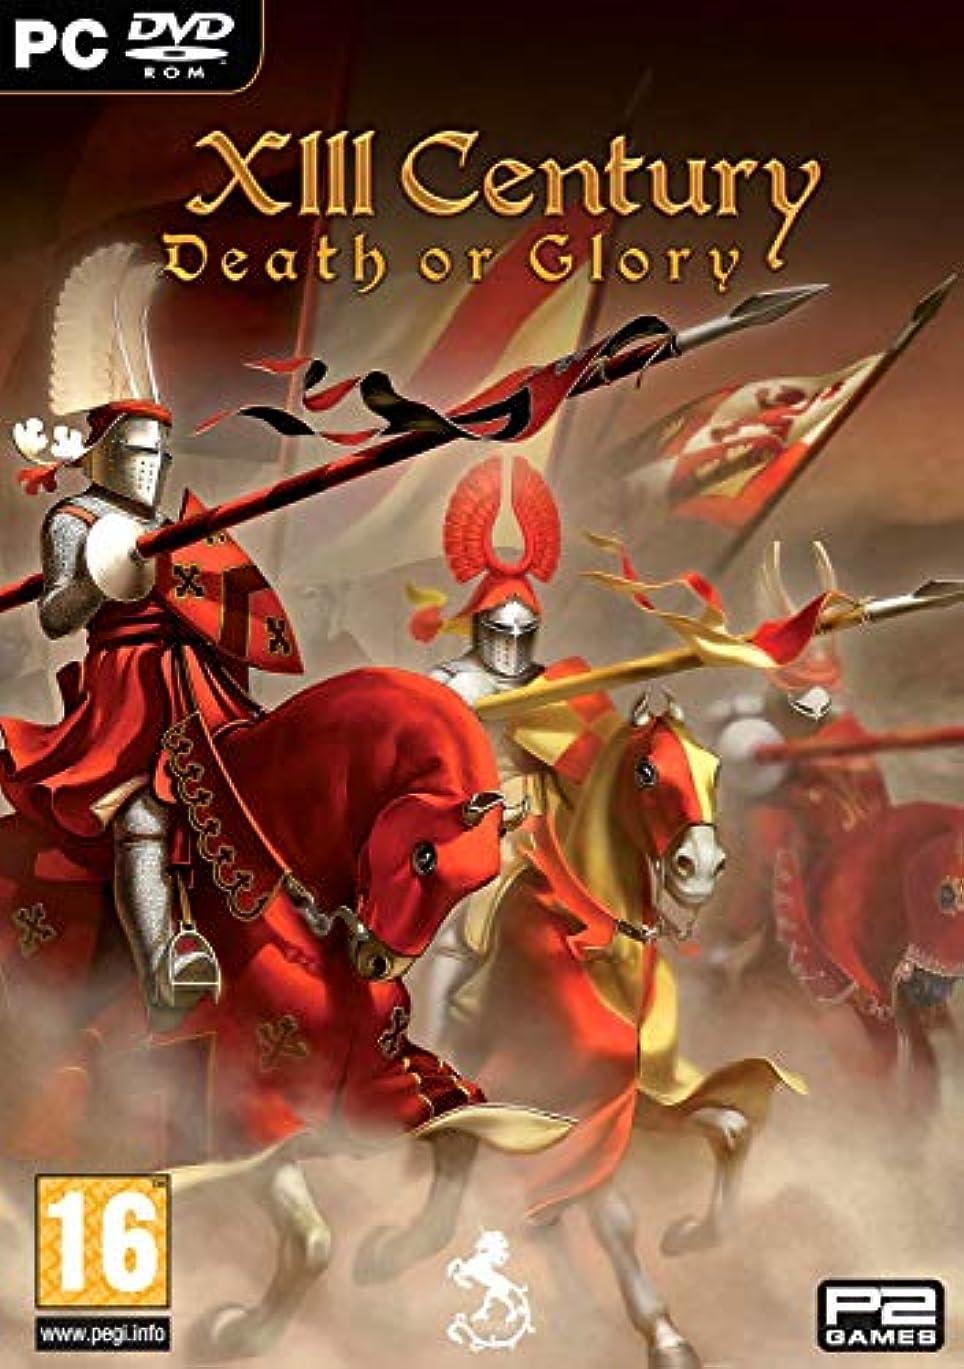 フィットスプーン句XIII Century Death of Glory (PC DVD) (輸入版)